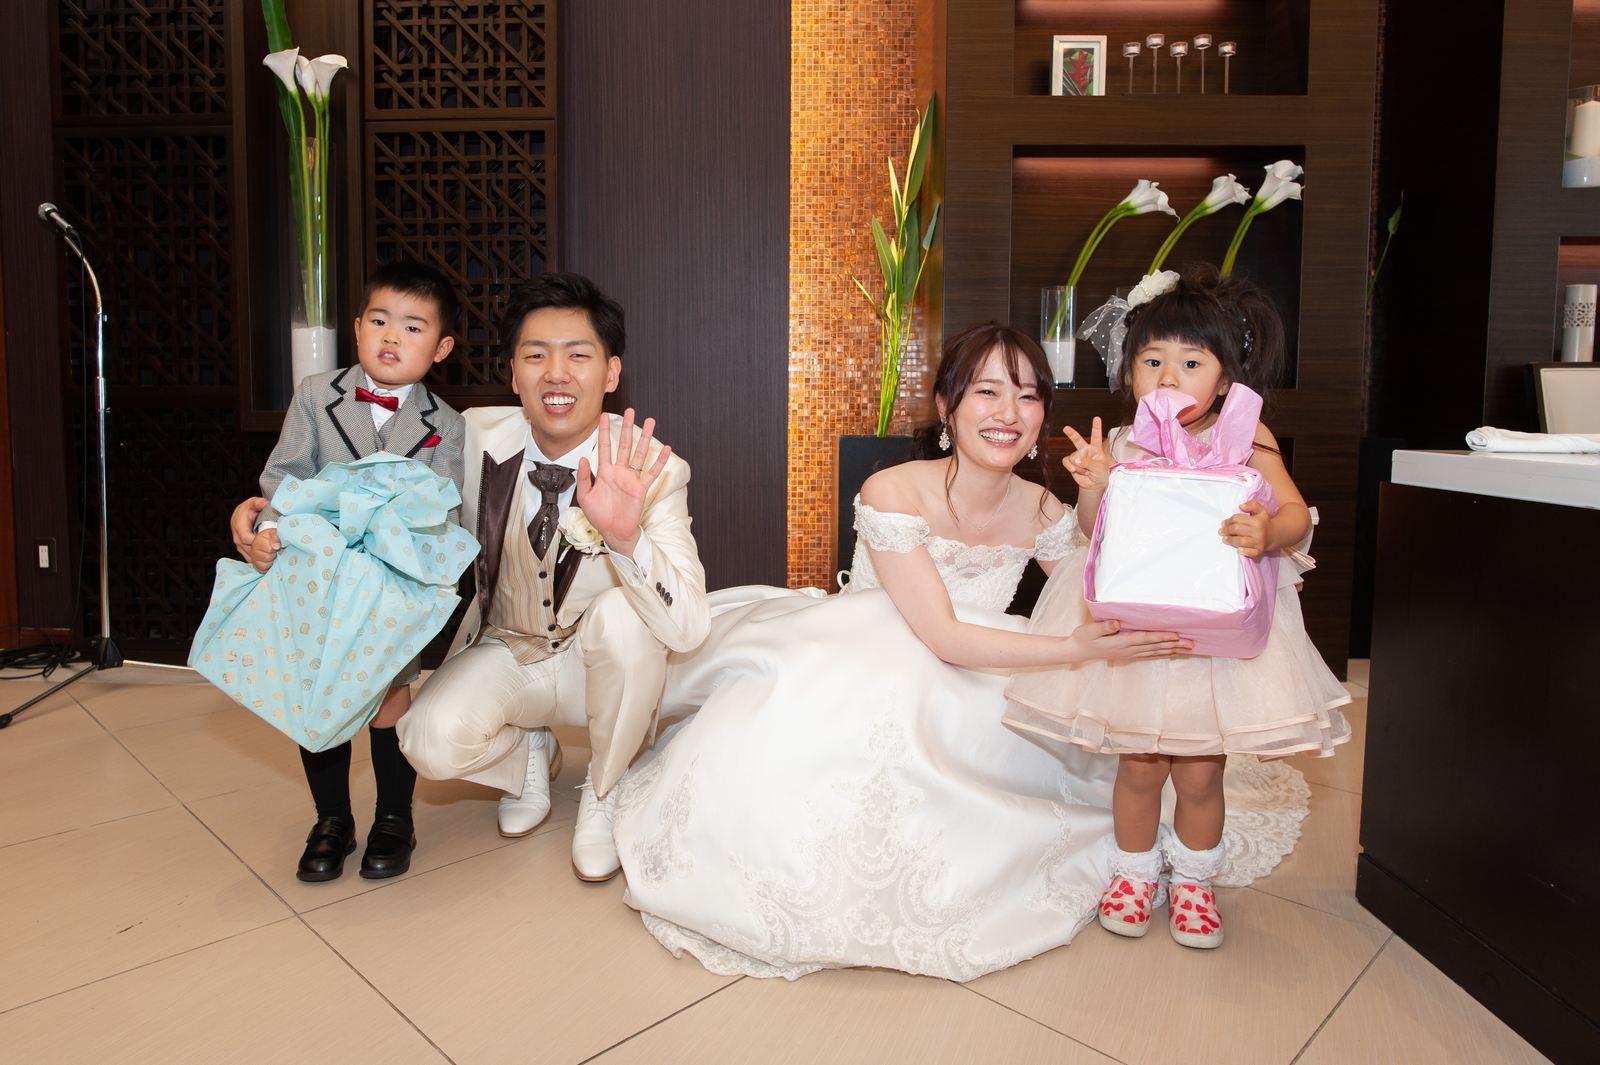 徳島市の結婚式場ブランアンジュの披露宴会場でお子様ゲストと笑顔で写真を撮影する新郎新婦